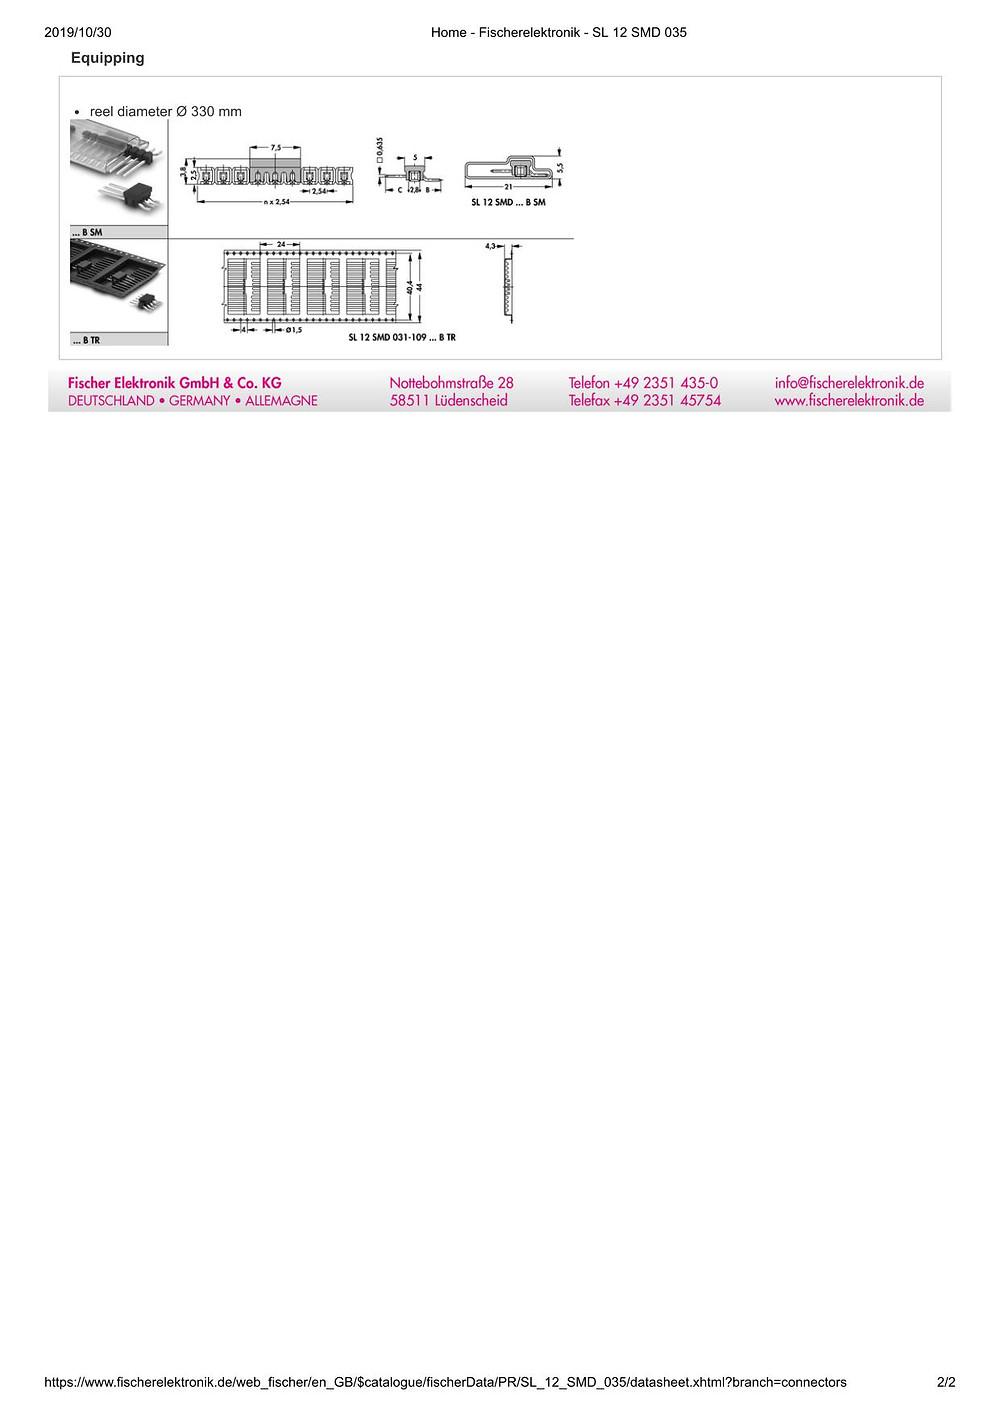 SL 12 SMD 035 フィッシャー テープ&リール対応 ピンヘッダ ライトアングル1列 2.54㎜ピッチ □0.635mm 2-20ピン